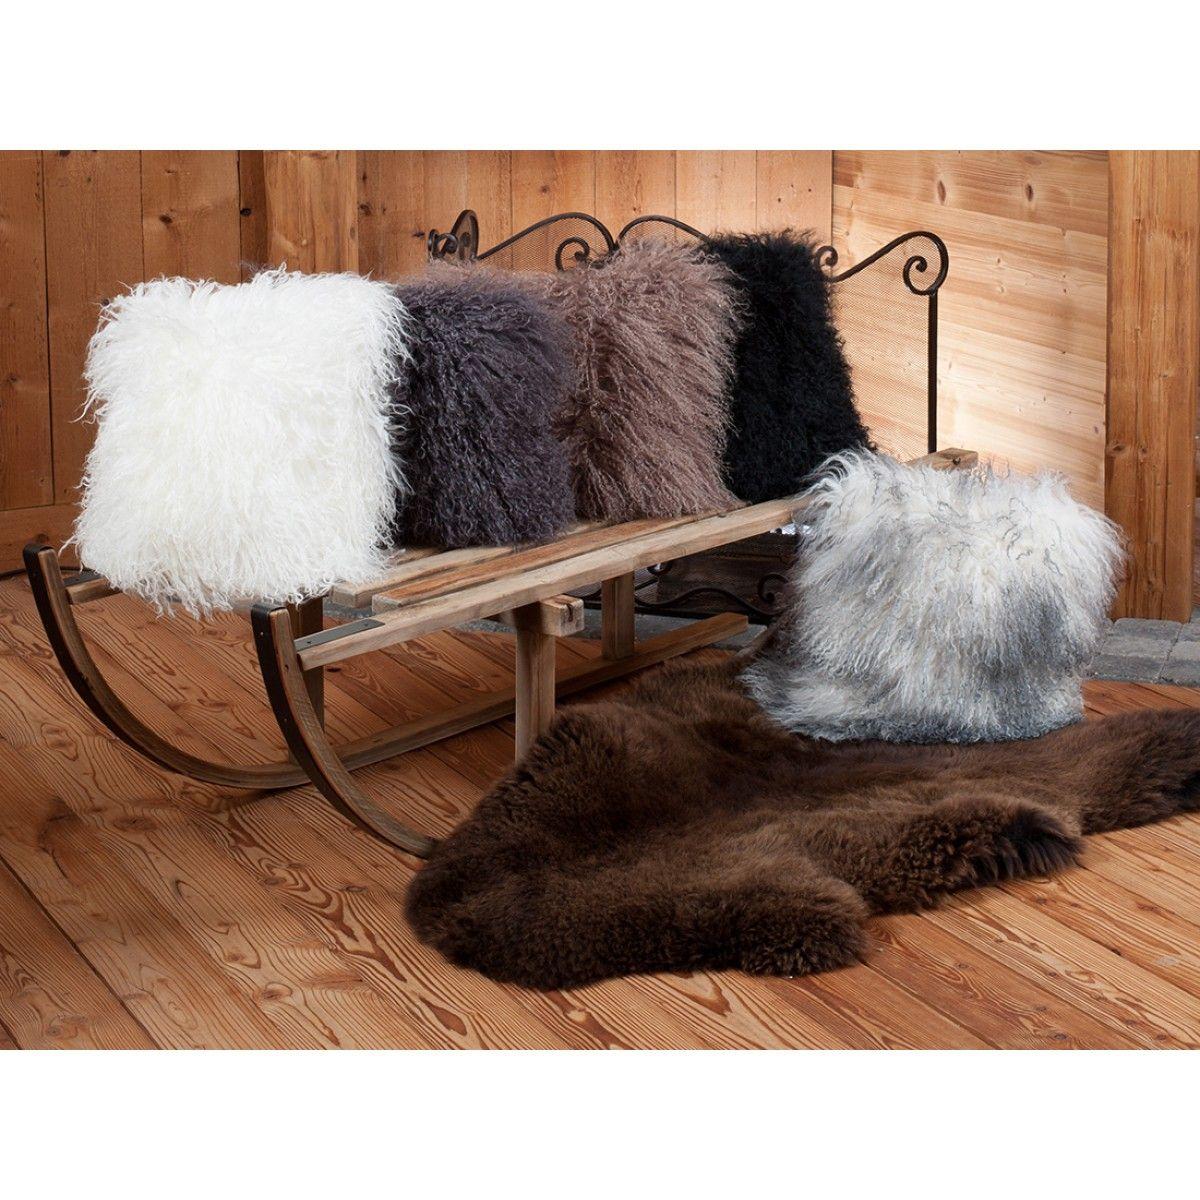 coussin en peau naturelle de mouton poils longs 35 x 35 cm taupe grenier alpin coussins et. Black Bedroom Furniture Sets. Home Design Ideas